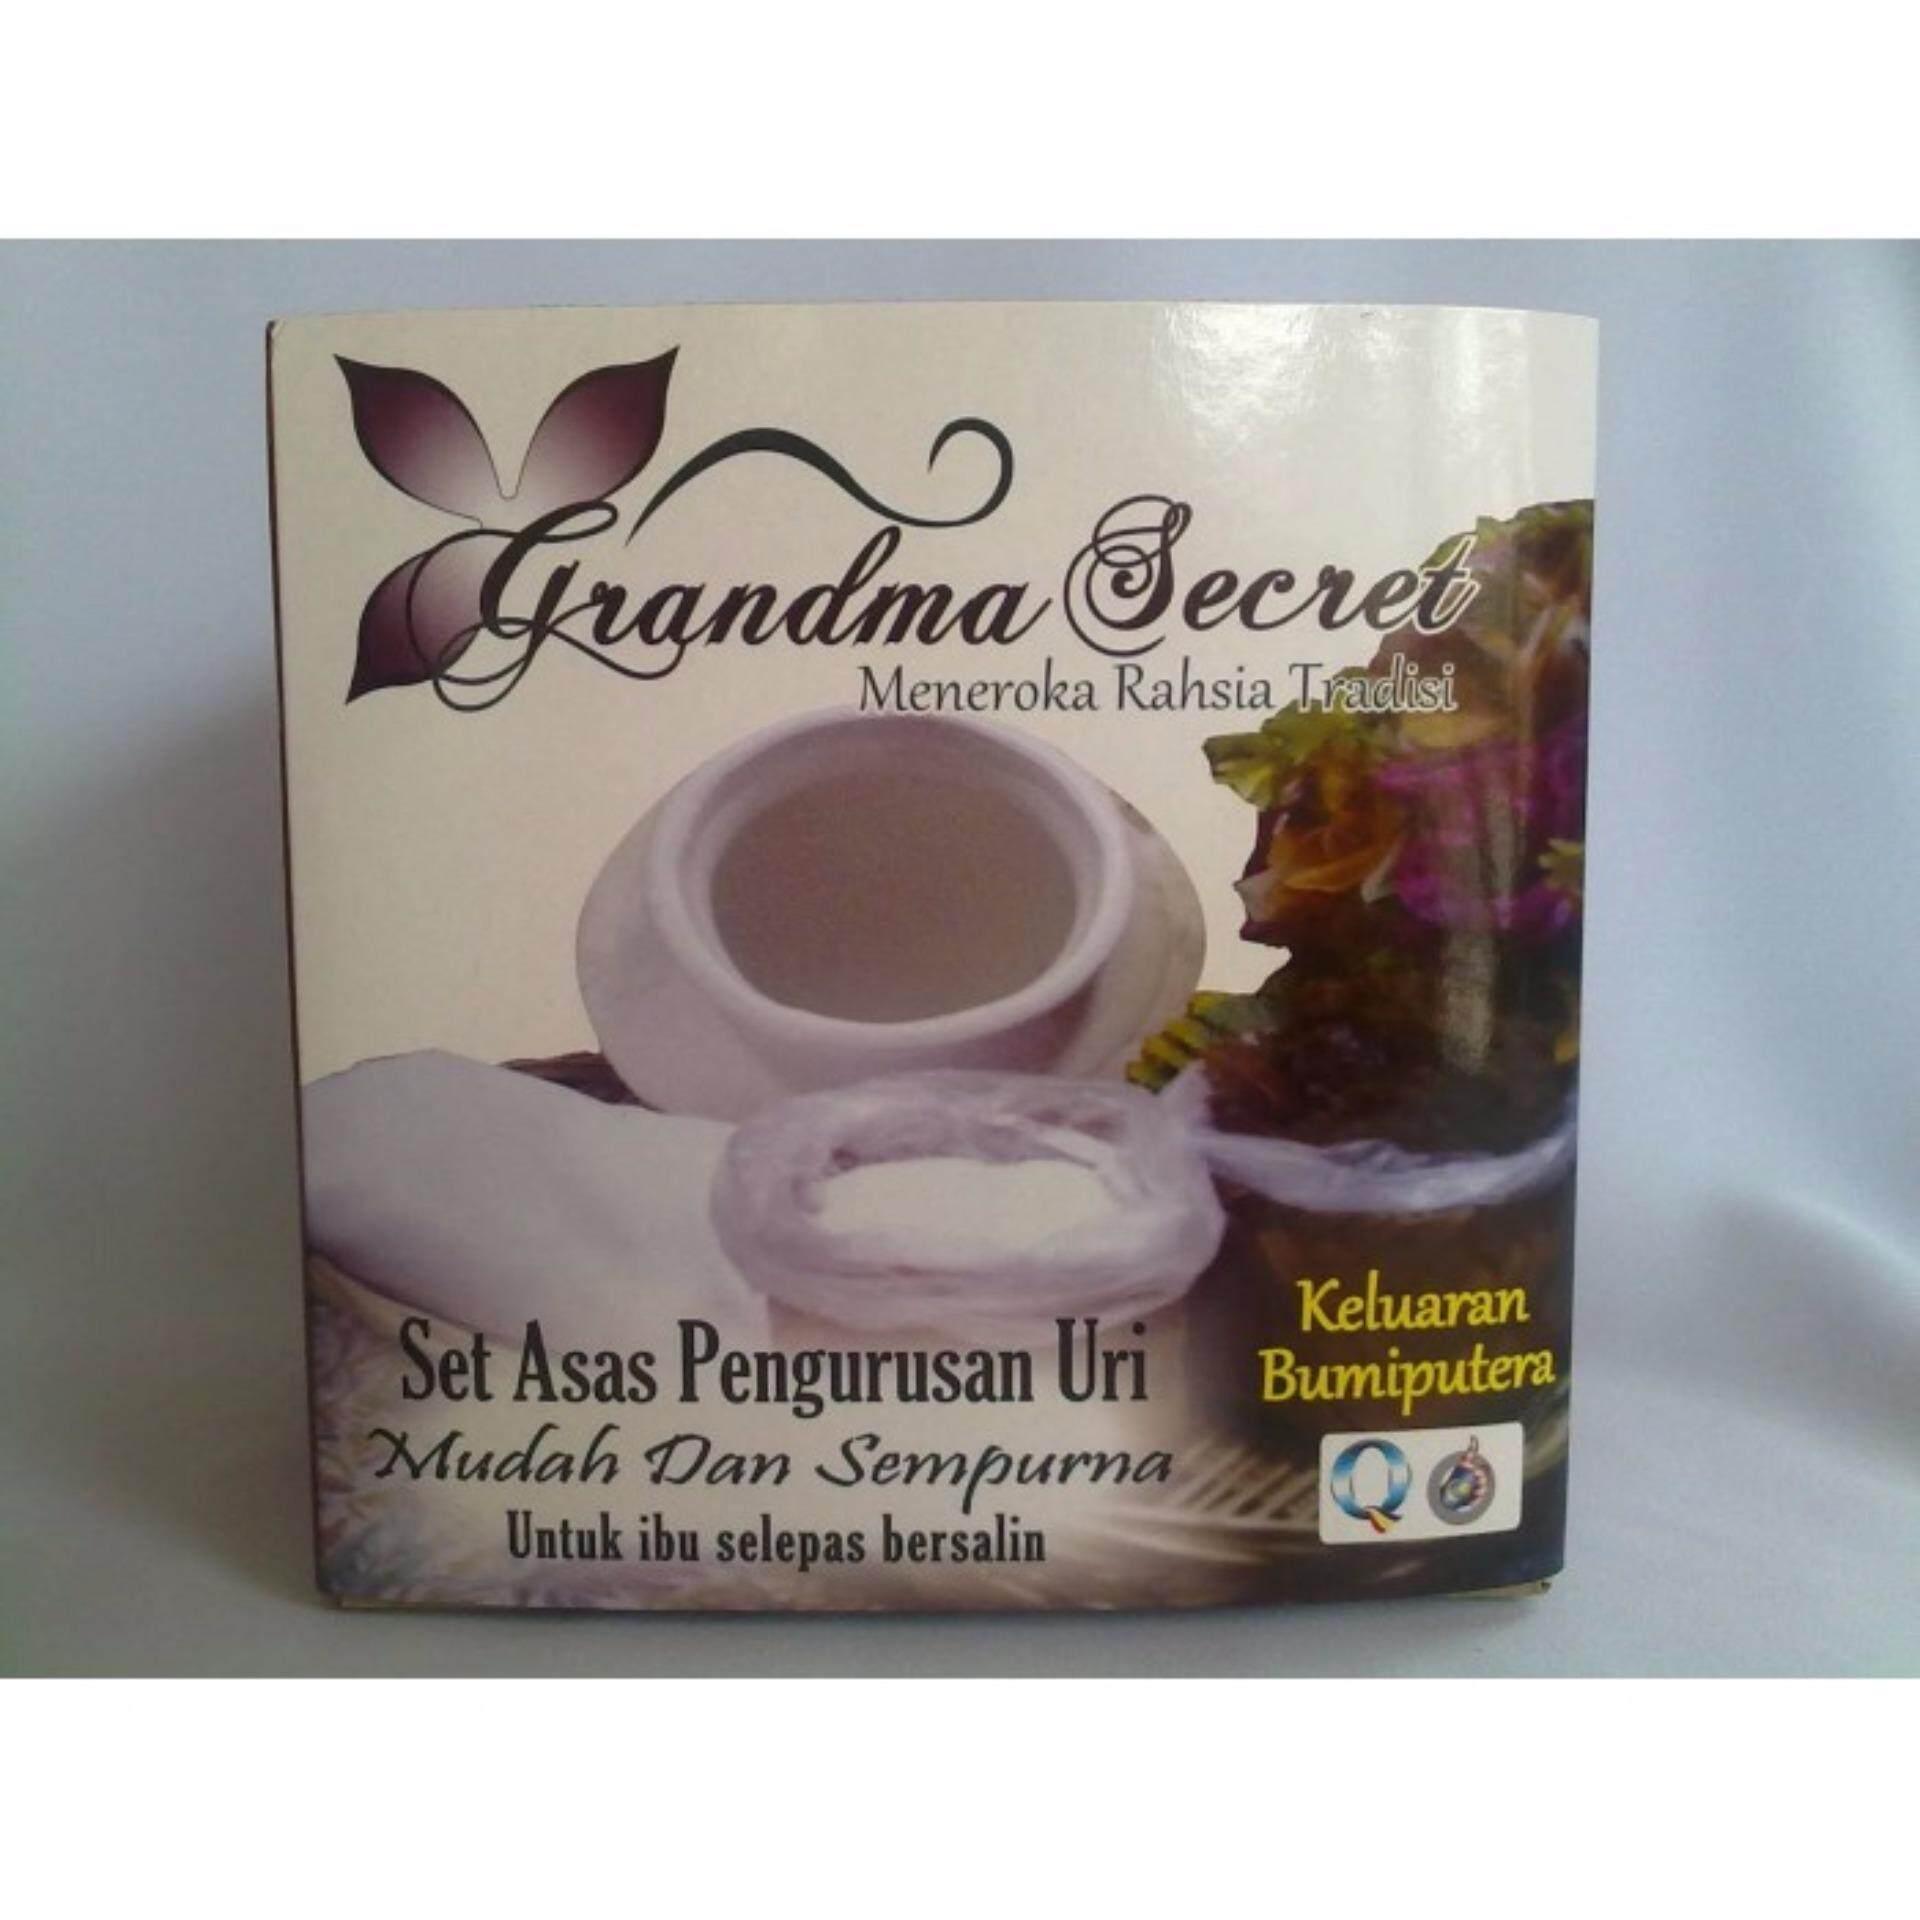 Grandma Secret - Set Asas Pengurusan Uri